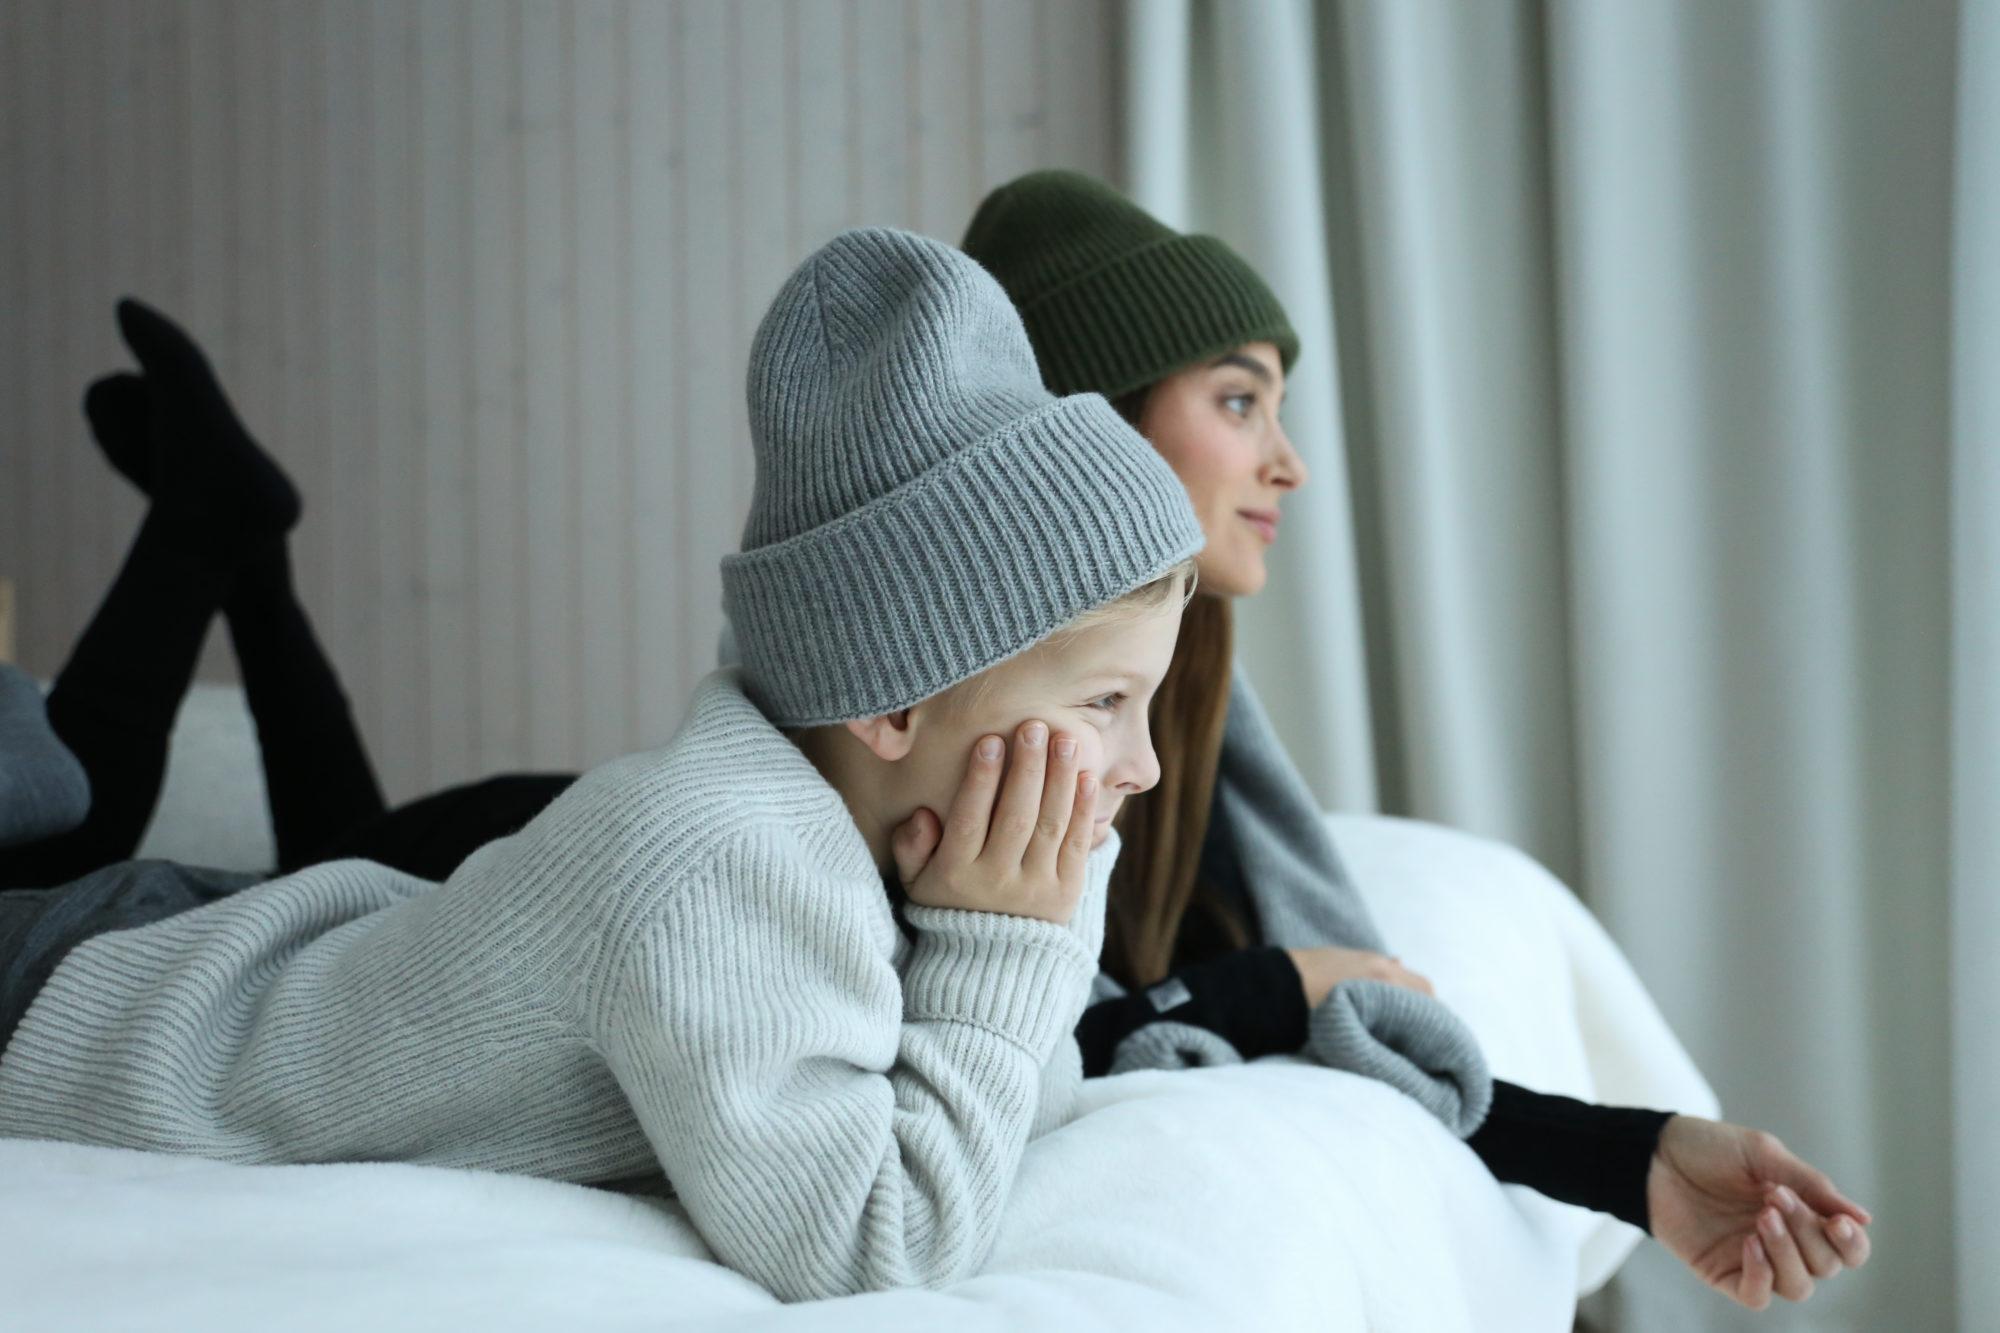 Didem ja Luca makaavat sängyllä North Outdoorin vaatteissa.